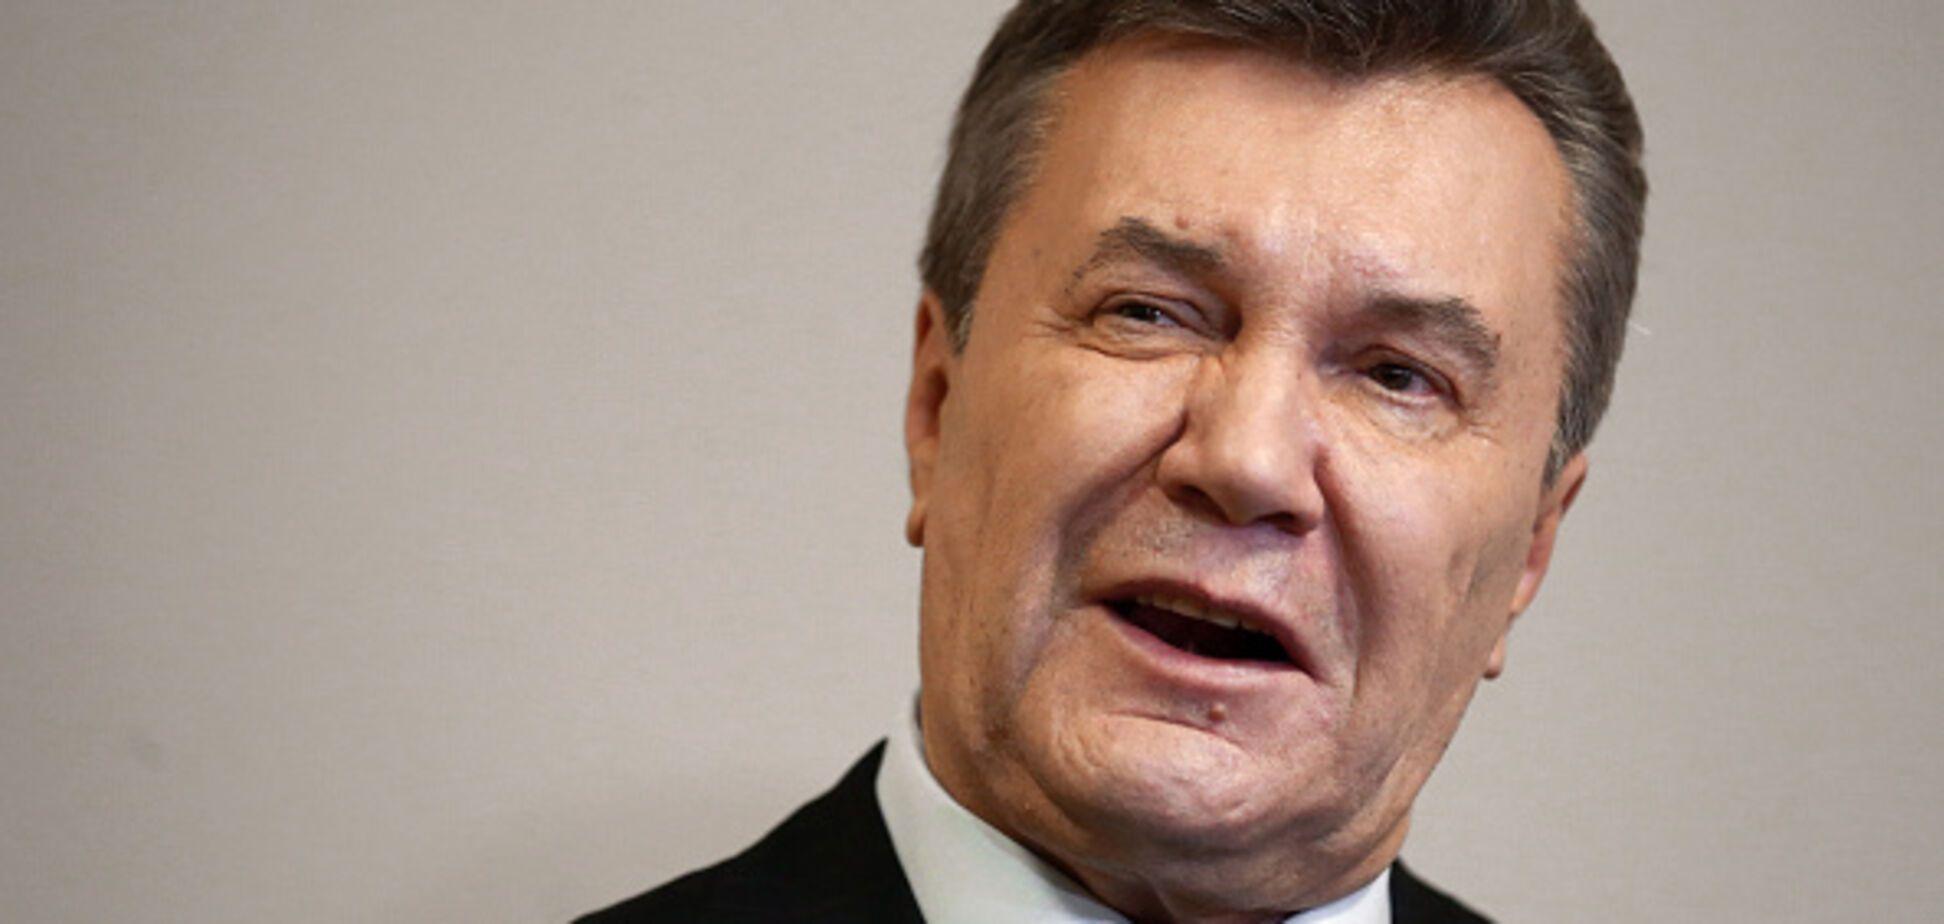 У ГПУ заявили про неможливість розслідувати витік Al Jazeera щодо грошей Януковича